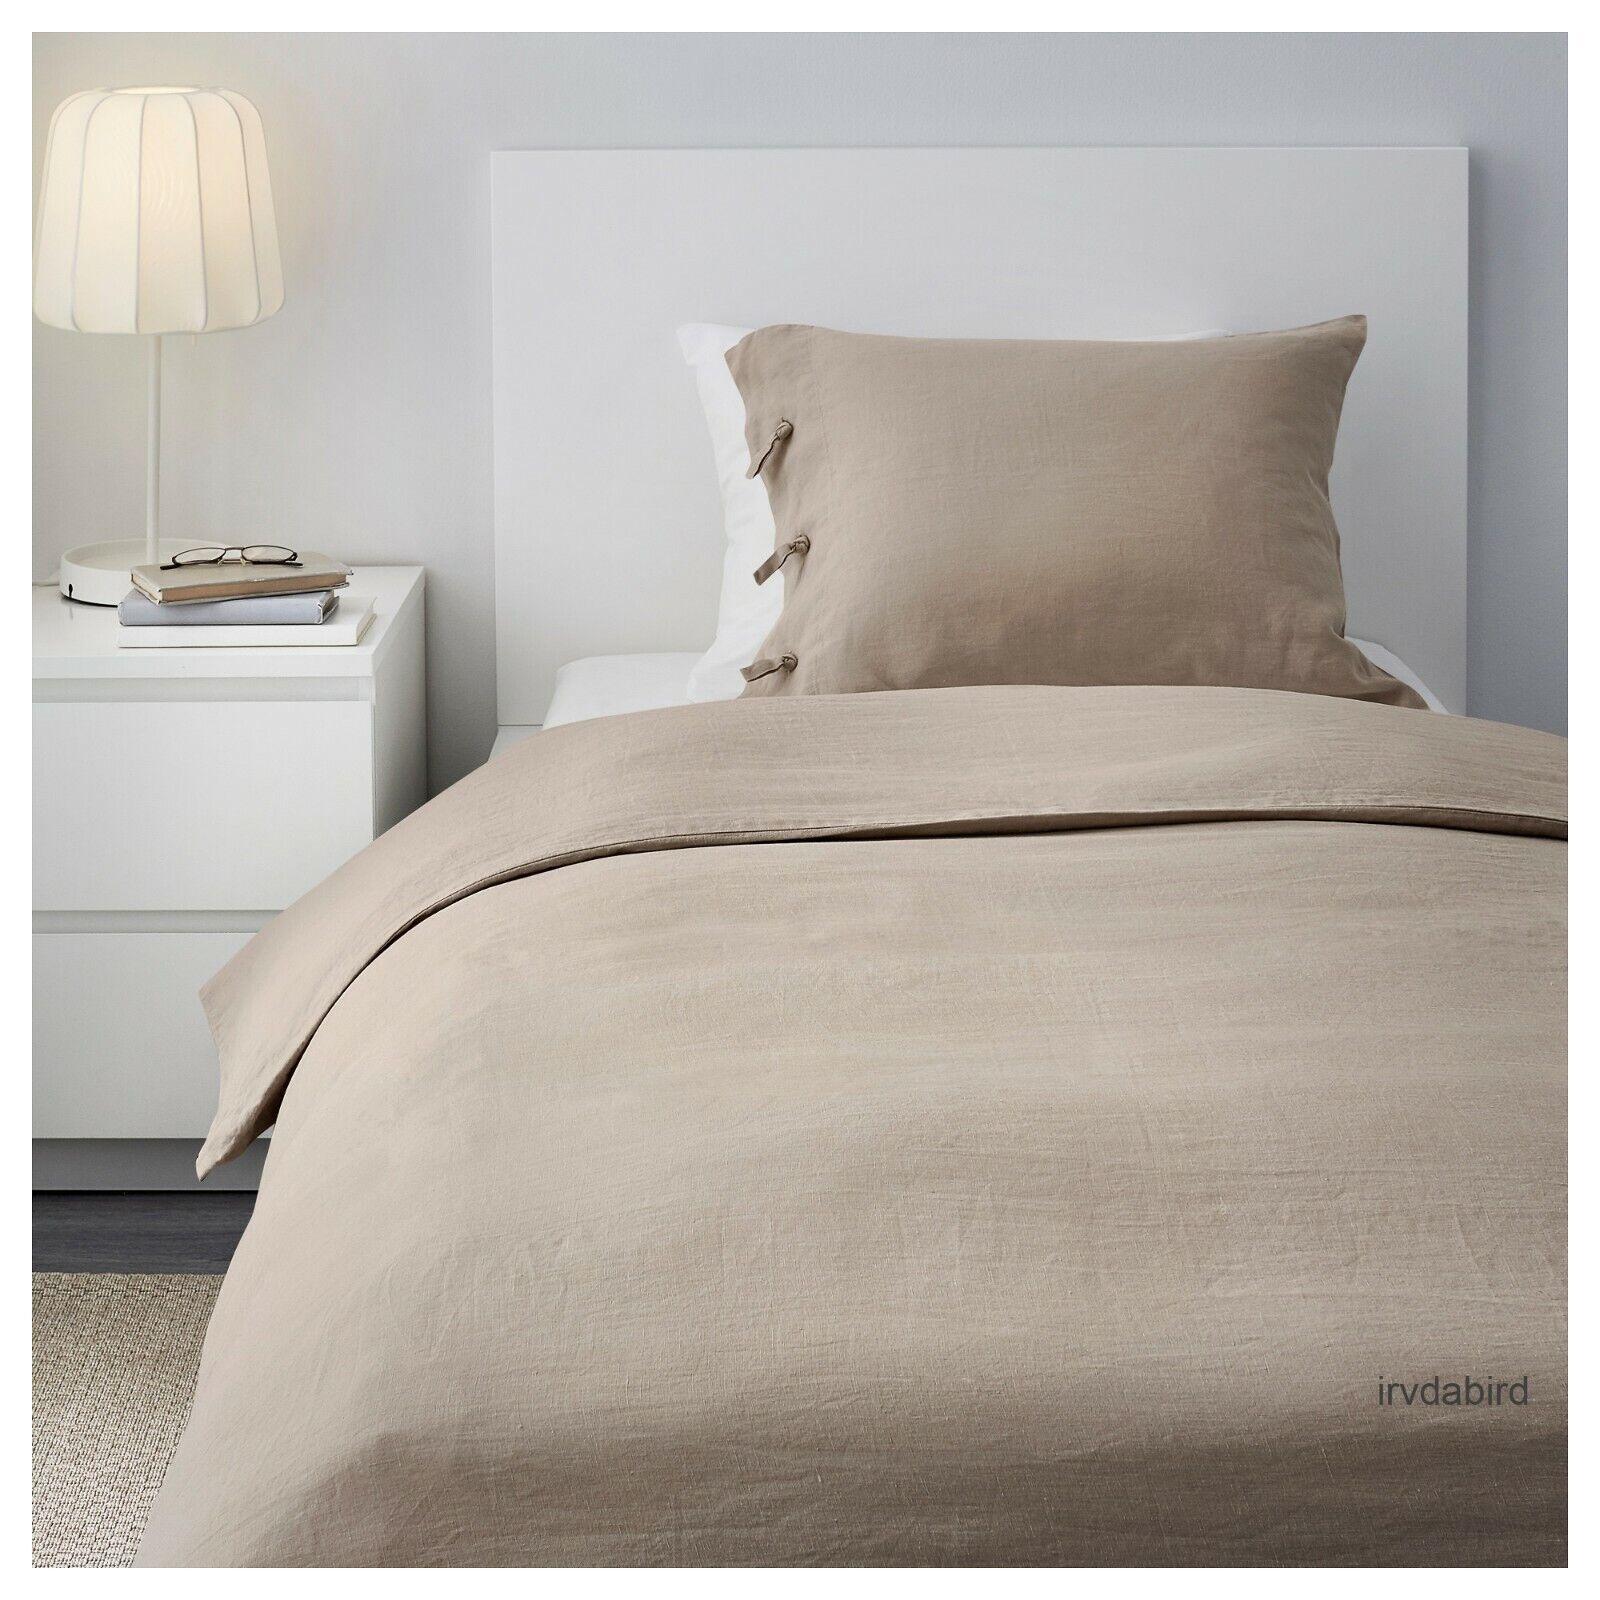 Nouveau Ikea linblomma 100% lin Parure de lit naturel Beige Twin